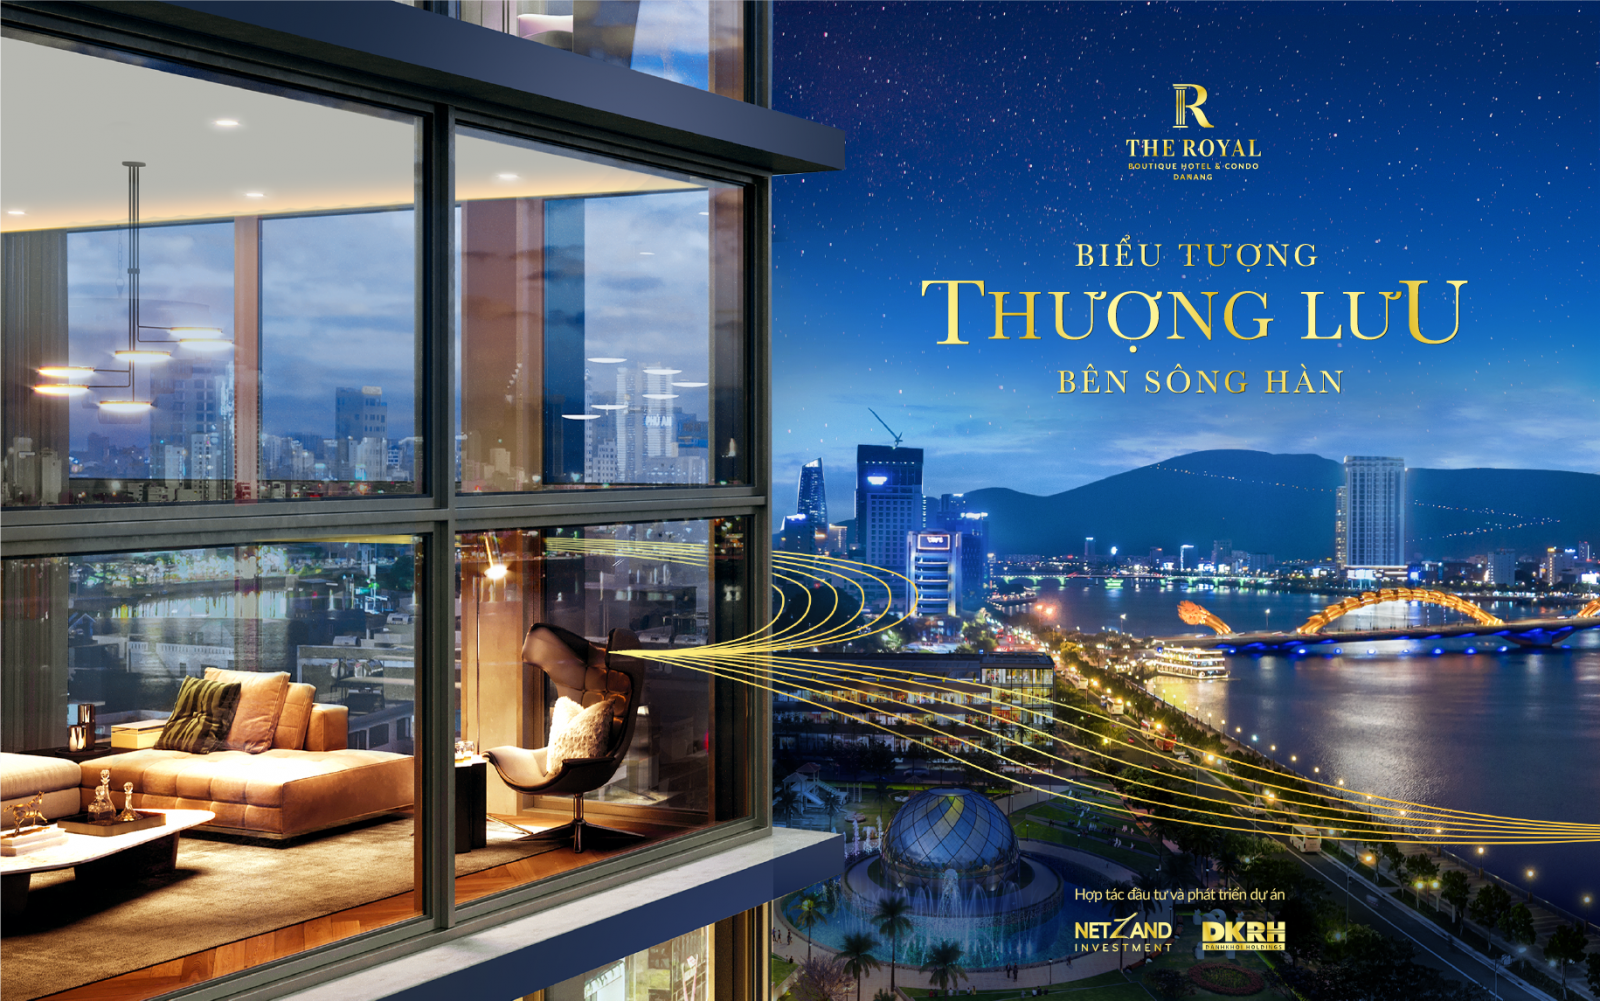 The Royal Da Nang Boutique Hotel & Condo - Biểu tượng thượng lưu bên sông hàn